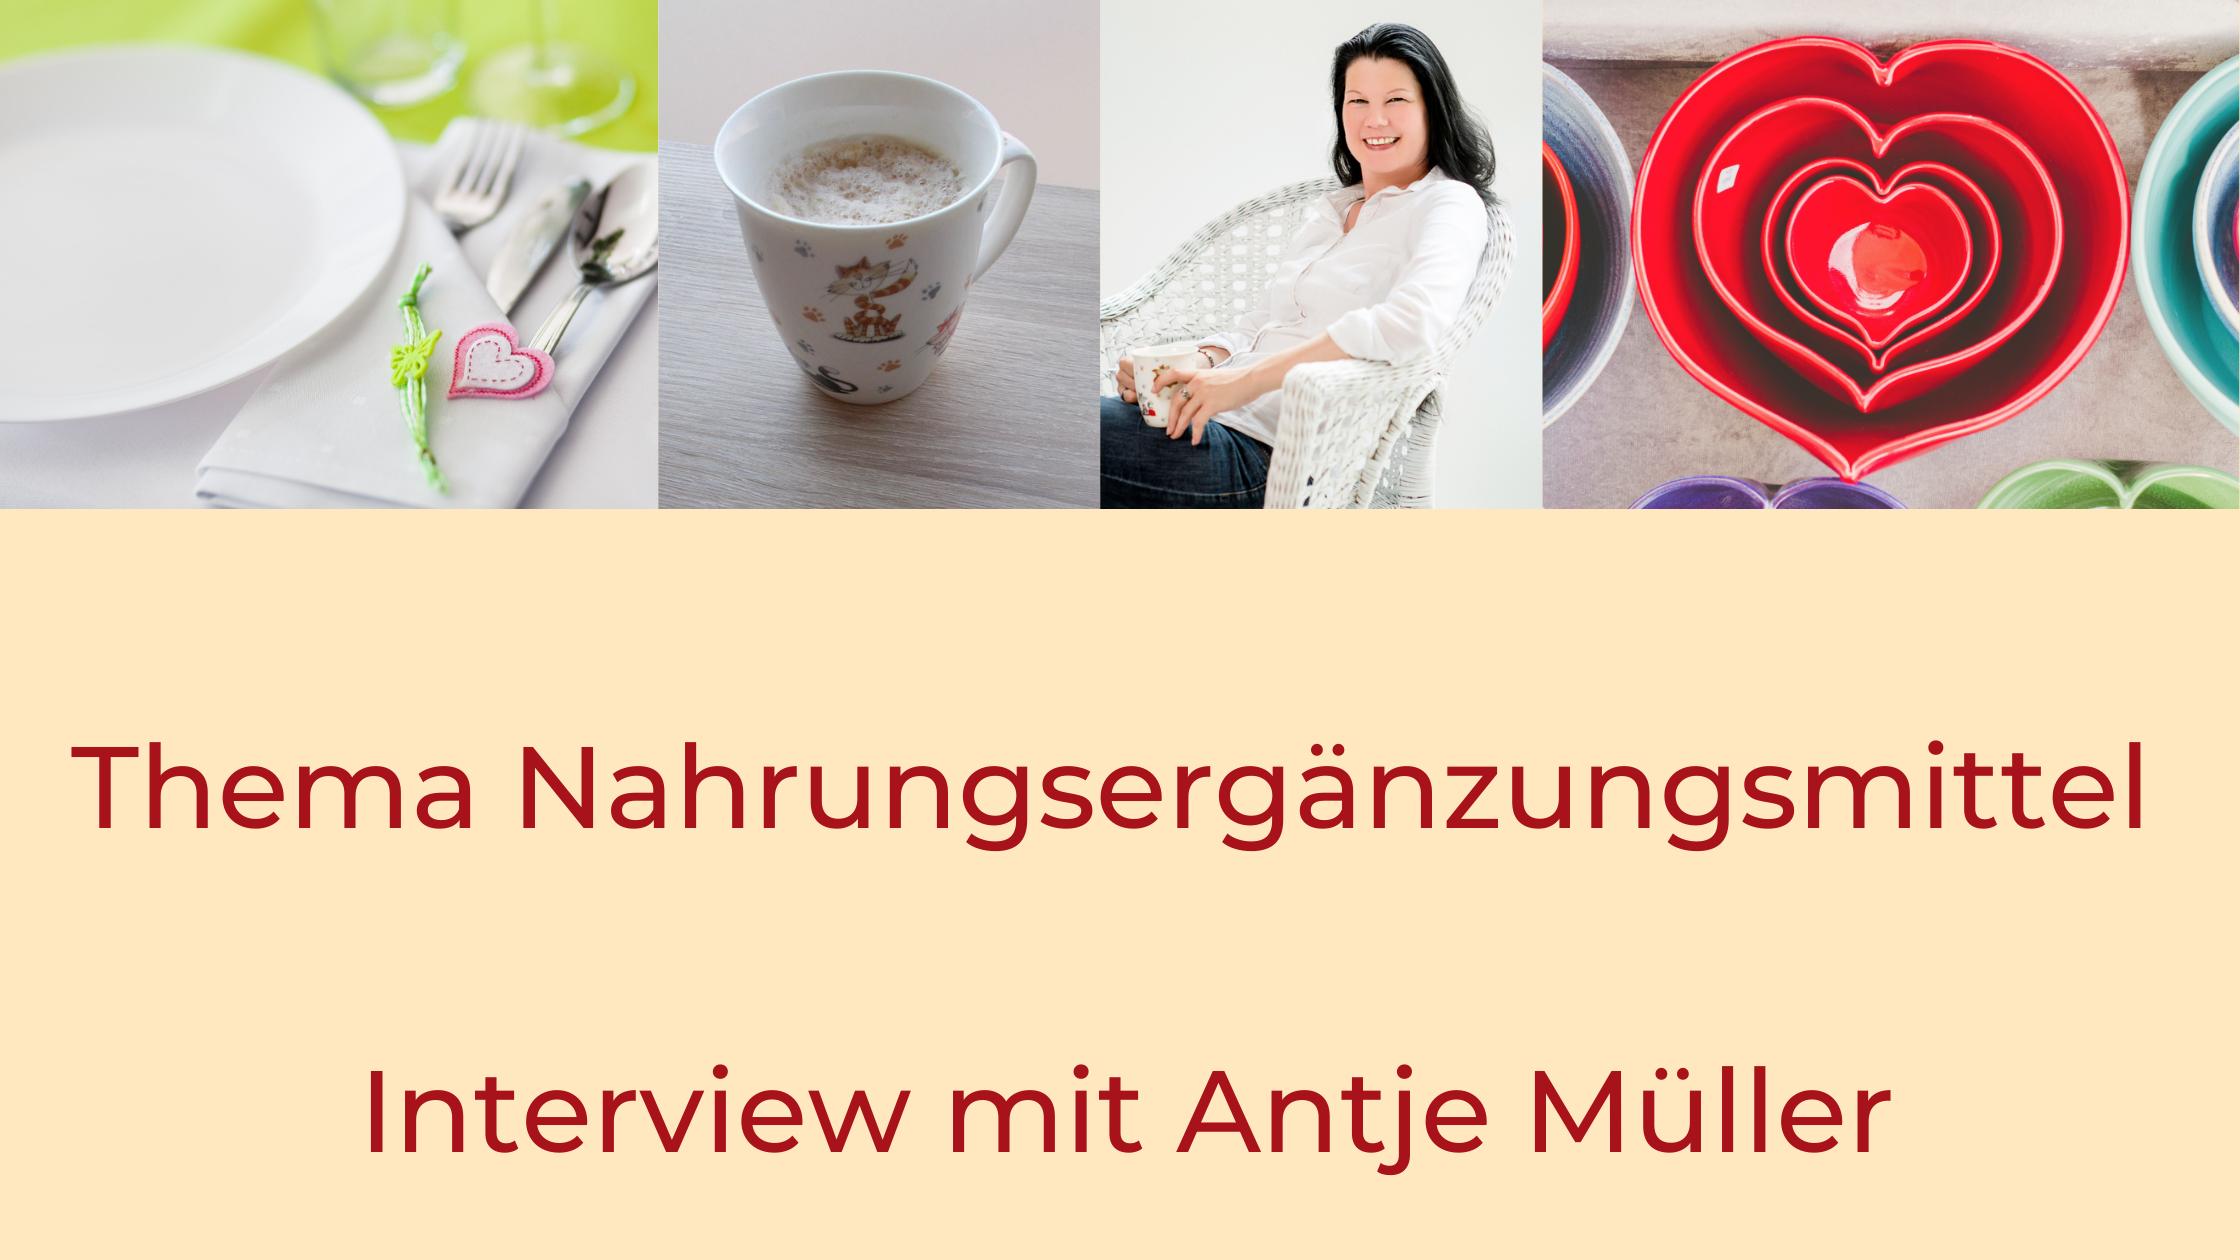 Titel: Thema Nahrungsergänzungsmittel - Interview mit Antje Müller